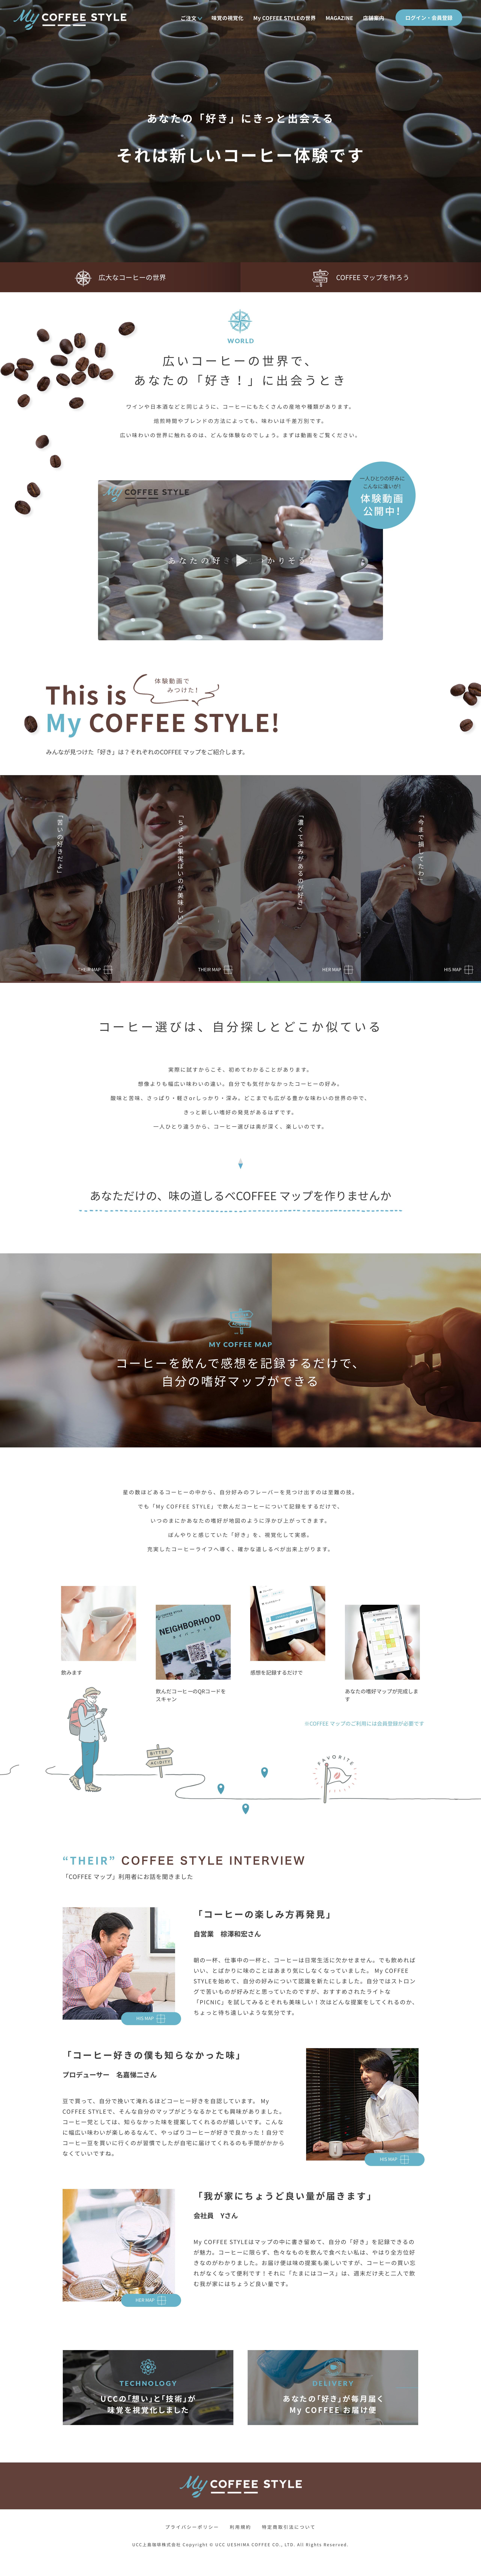 ホームページ制作実績MY COFFEE STYLE[UCC上島珈琲株式会社]